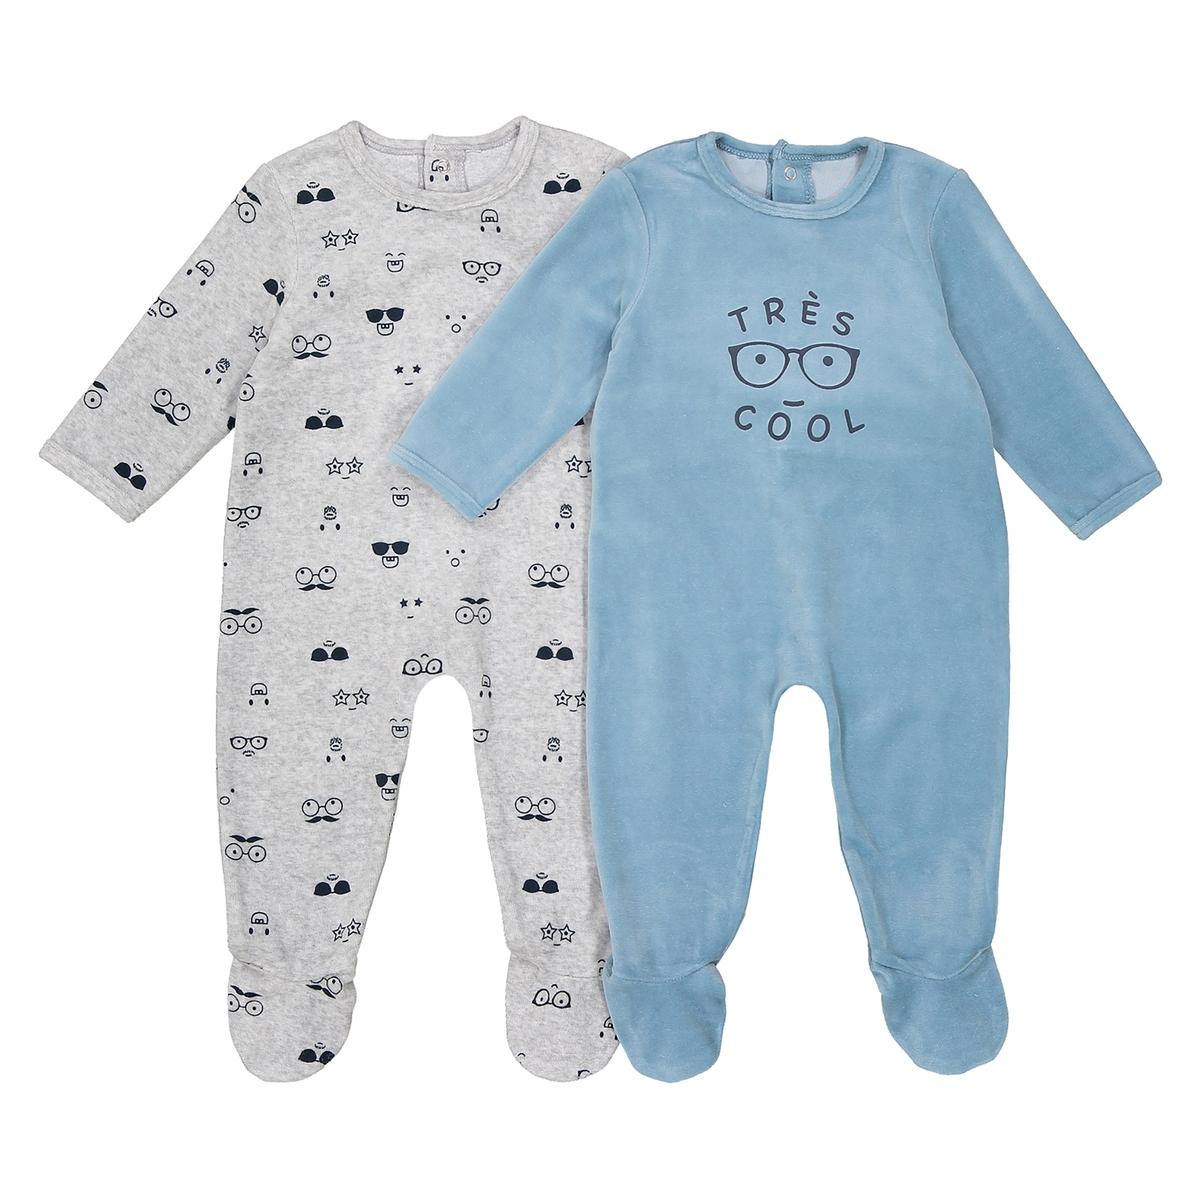 Пижама (комплект из 2 изделий), Oeko Tex